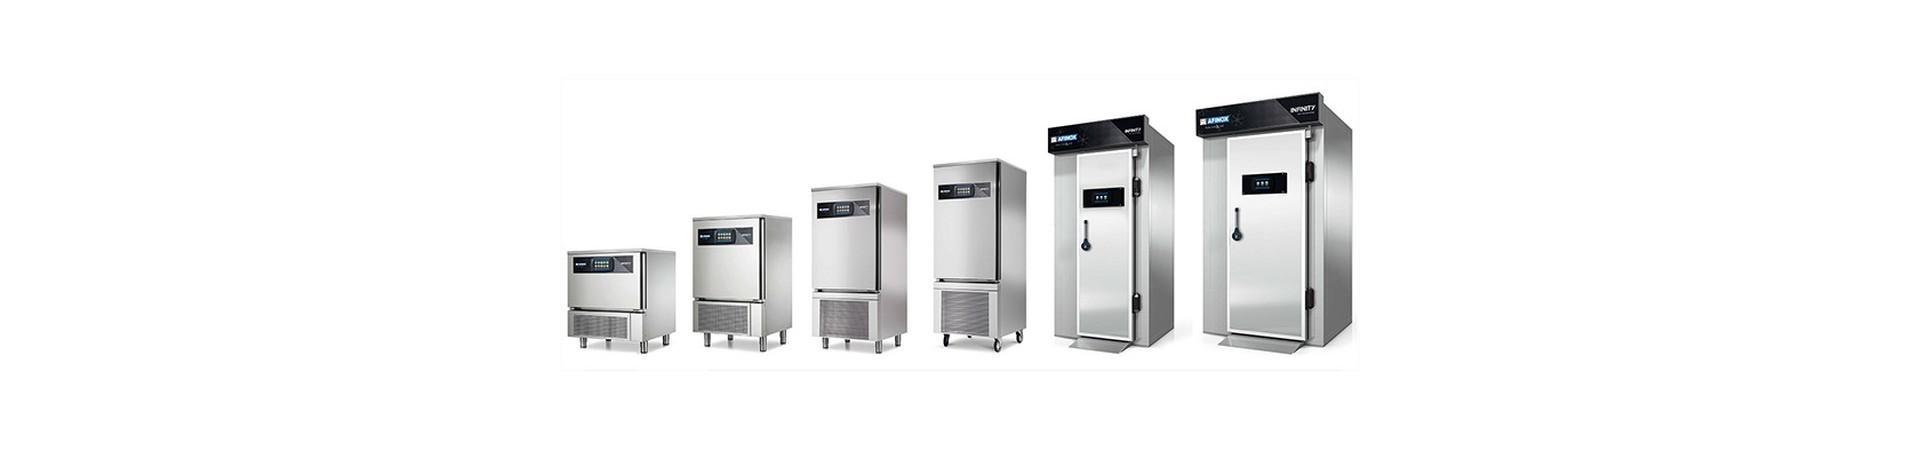 Abatidores de temperatura, doble función: enfriamiento y congelación. online con garantía y envío rápido